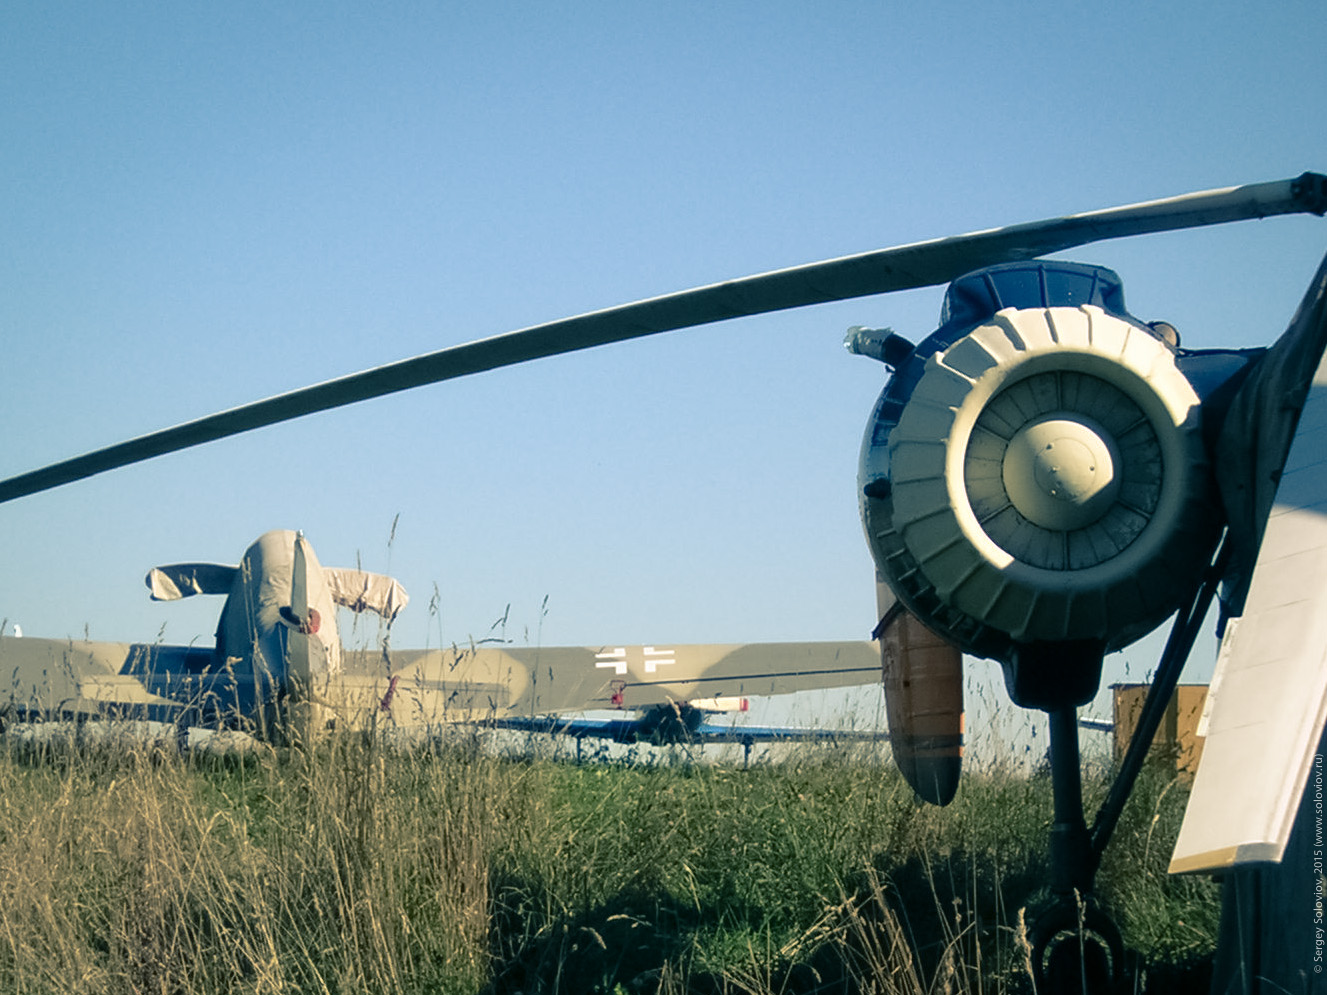 Skydiving - 050910 - 01.jpg